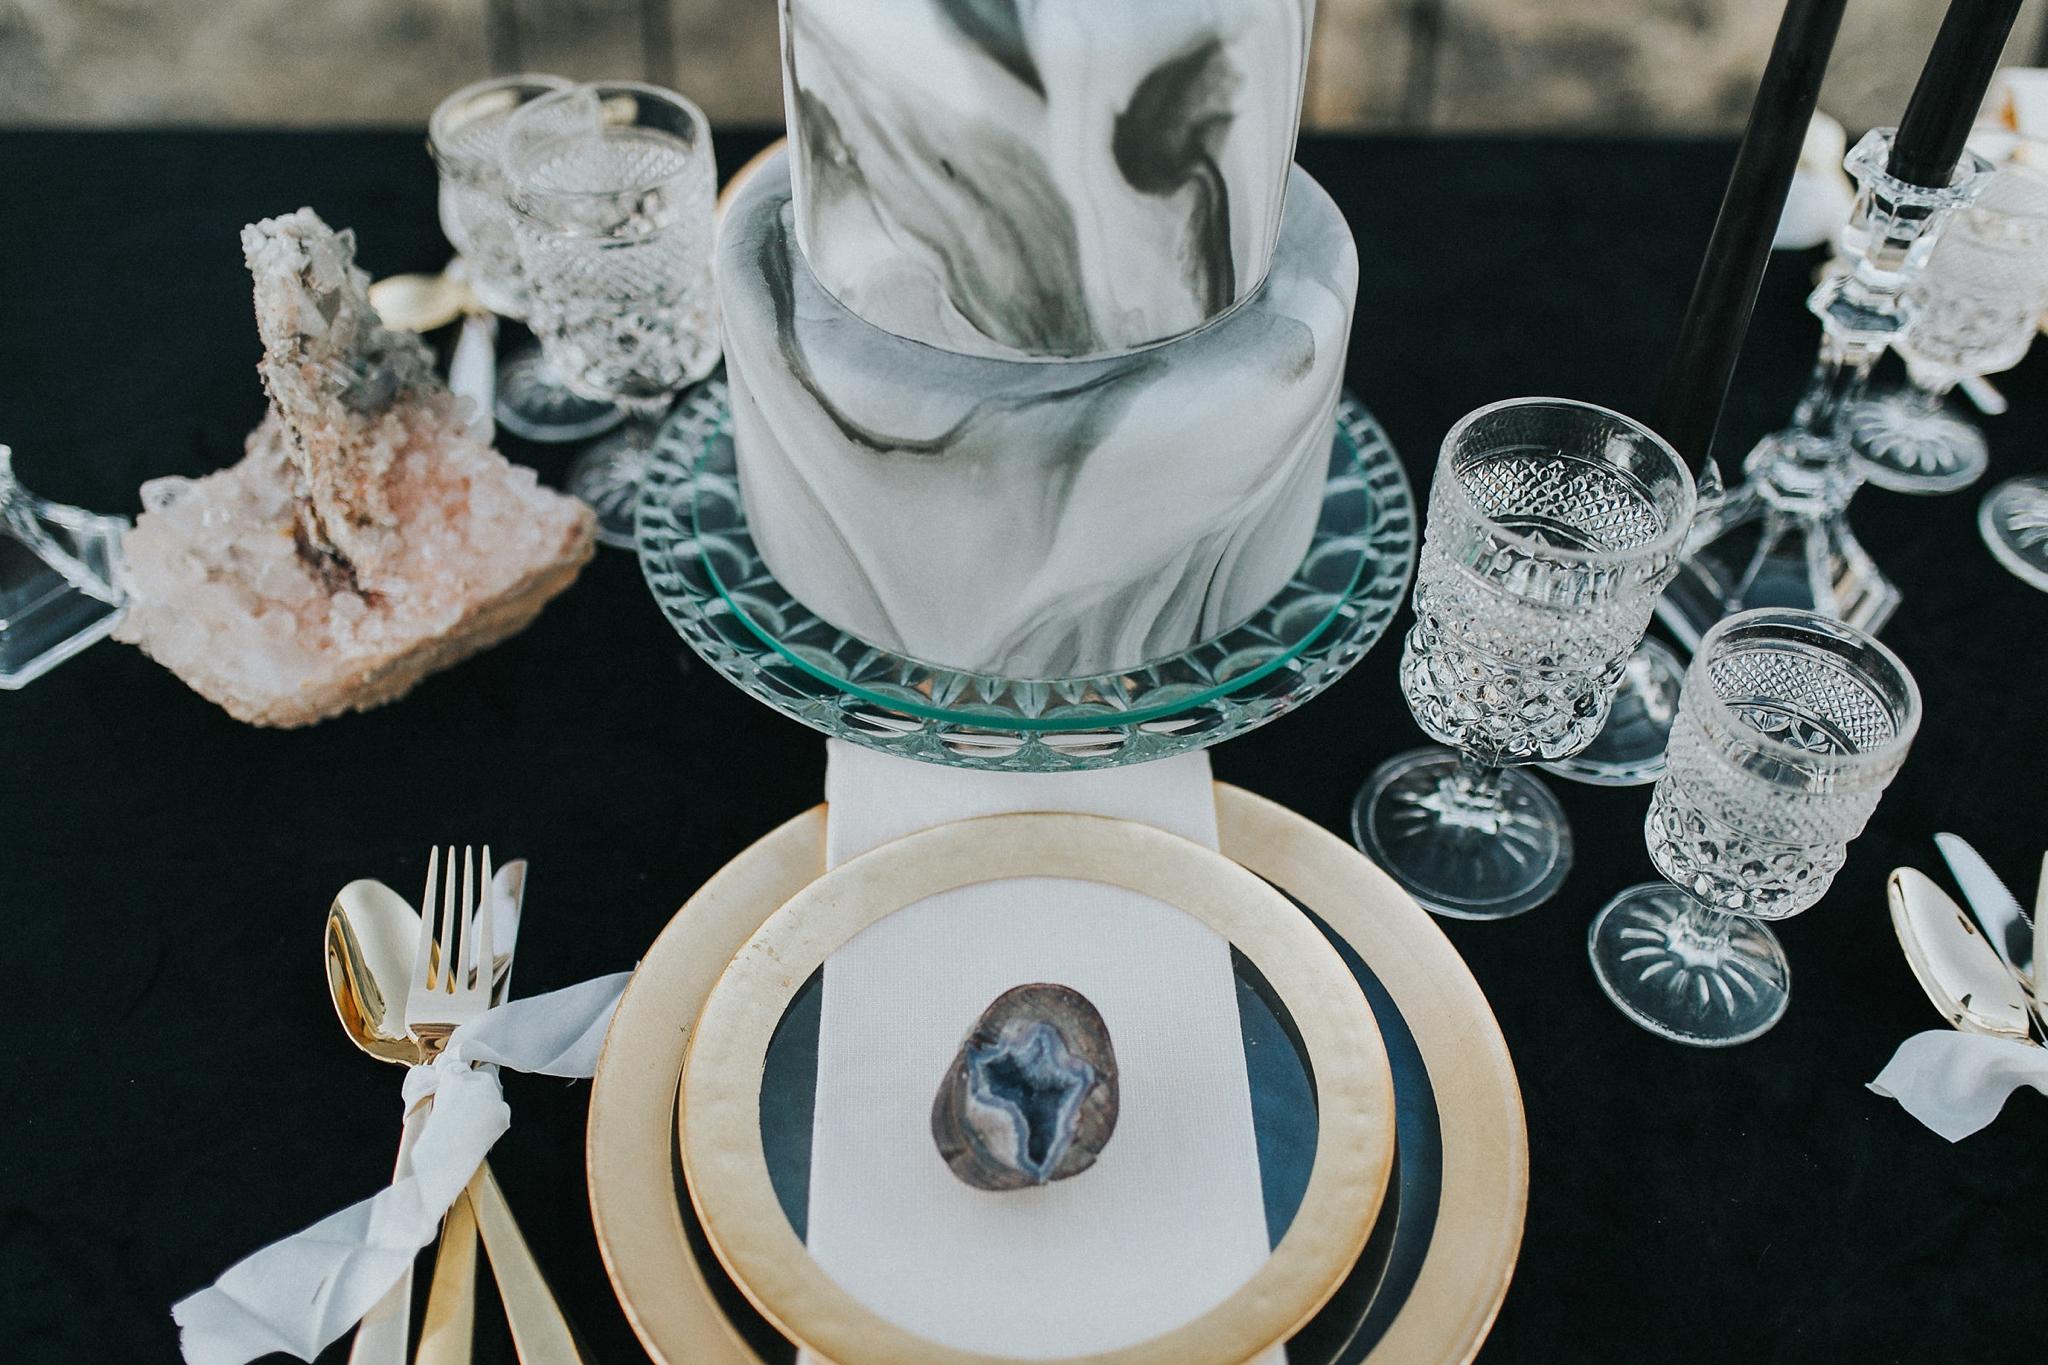 Alicia+lucia+photography+-+albuquerque+wedding+photographer+-+santa+fe+wedding+photography+-+new+mexico+wedding+photographer+-+new+mexico+wedding+-+wedding+-+winter+wedding+-+wedding+reception+-+winter+wedding+reception_0084.jpg